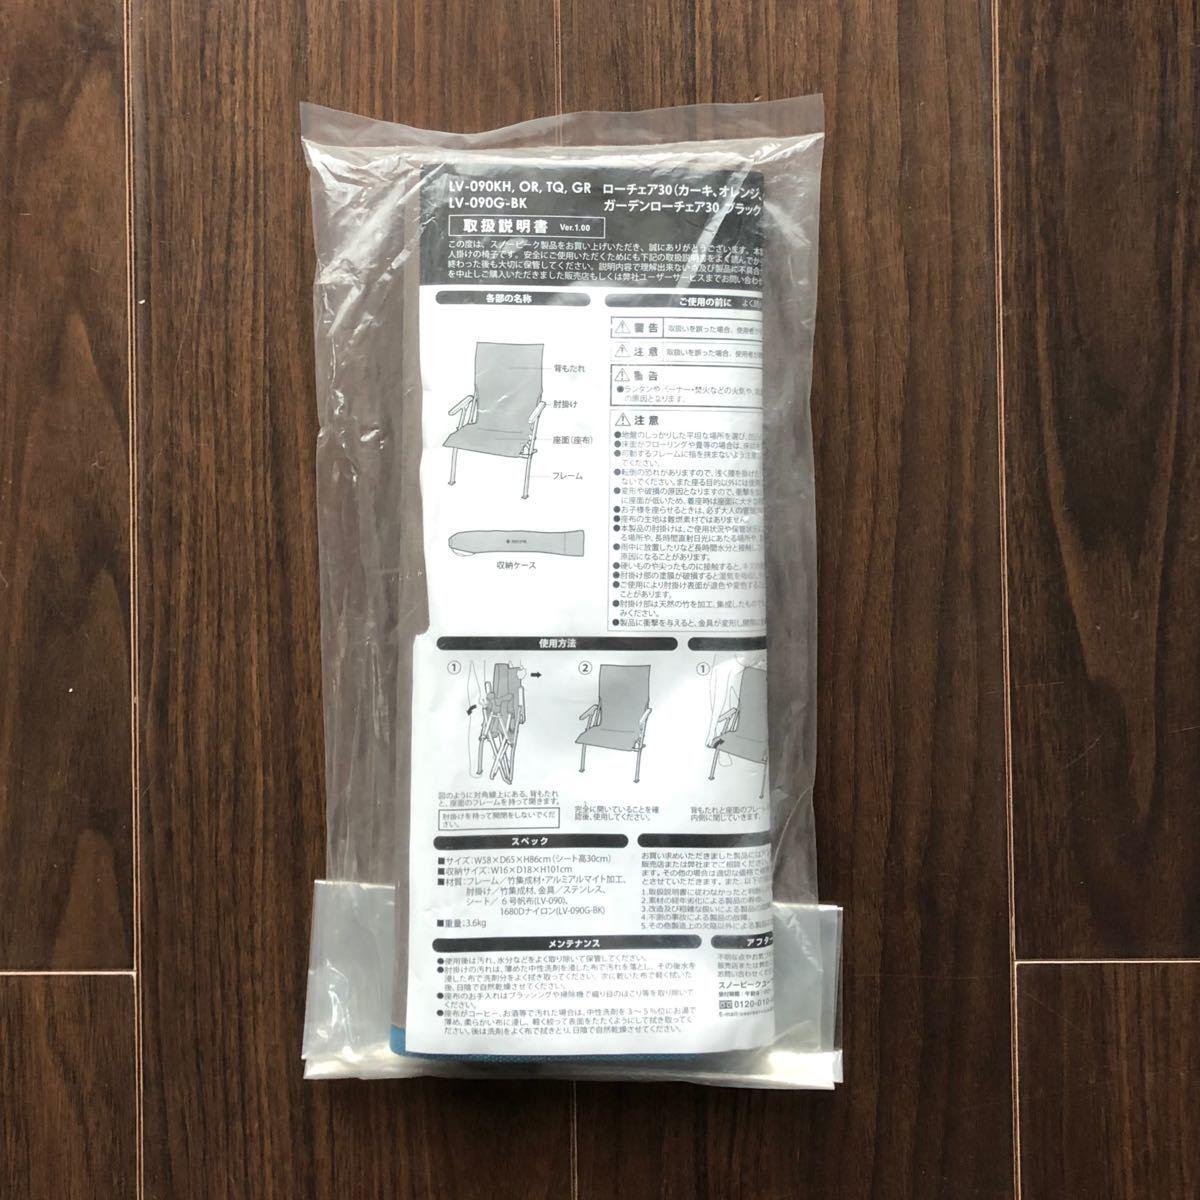 スノーピーク snow peak ローチェア30 収納ケース 新品 ポールケース用 takeチェアなどに!!